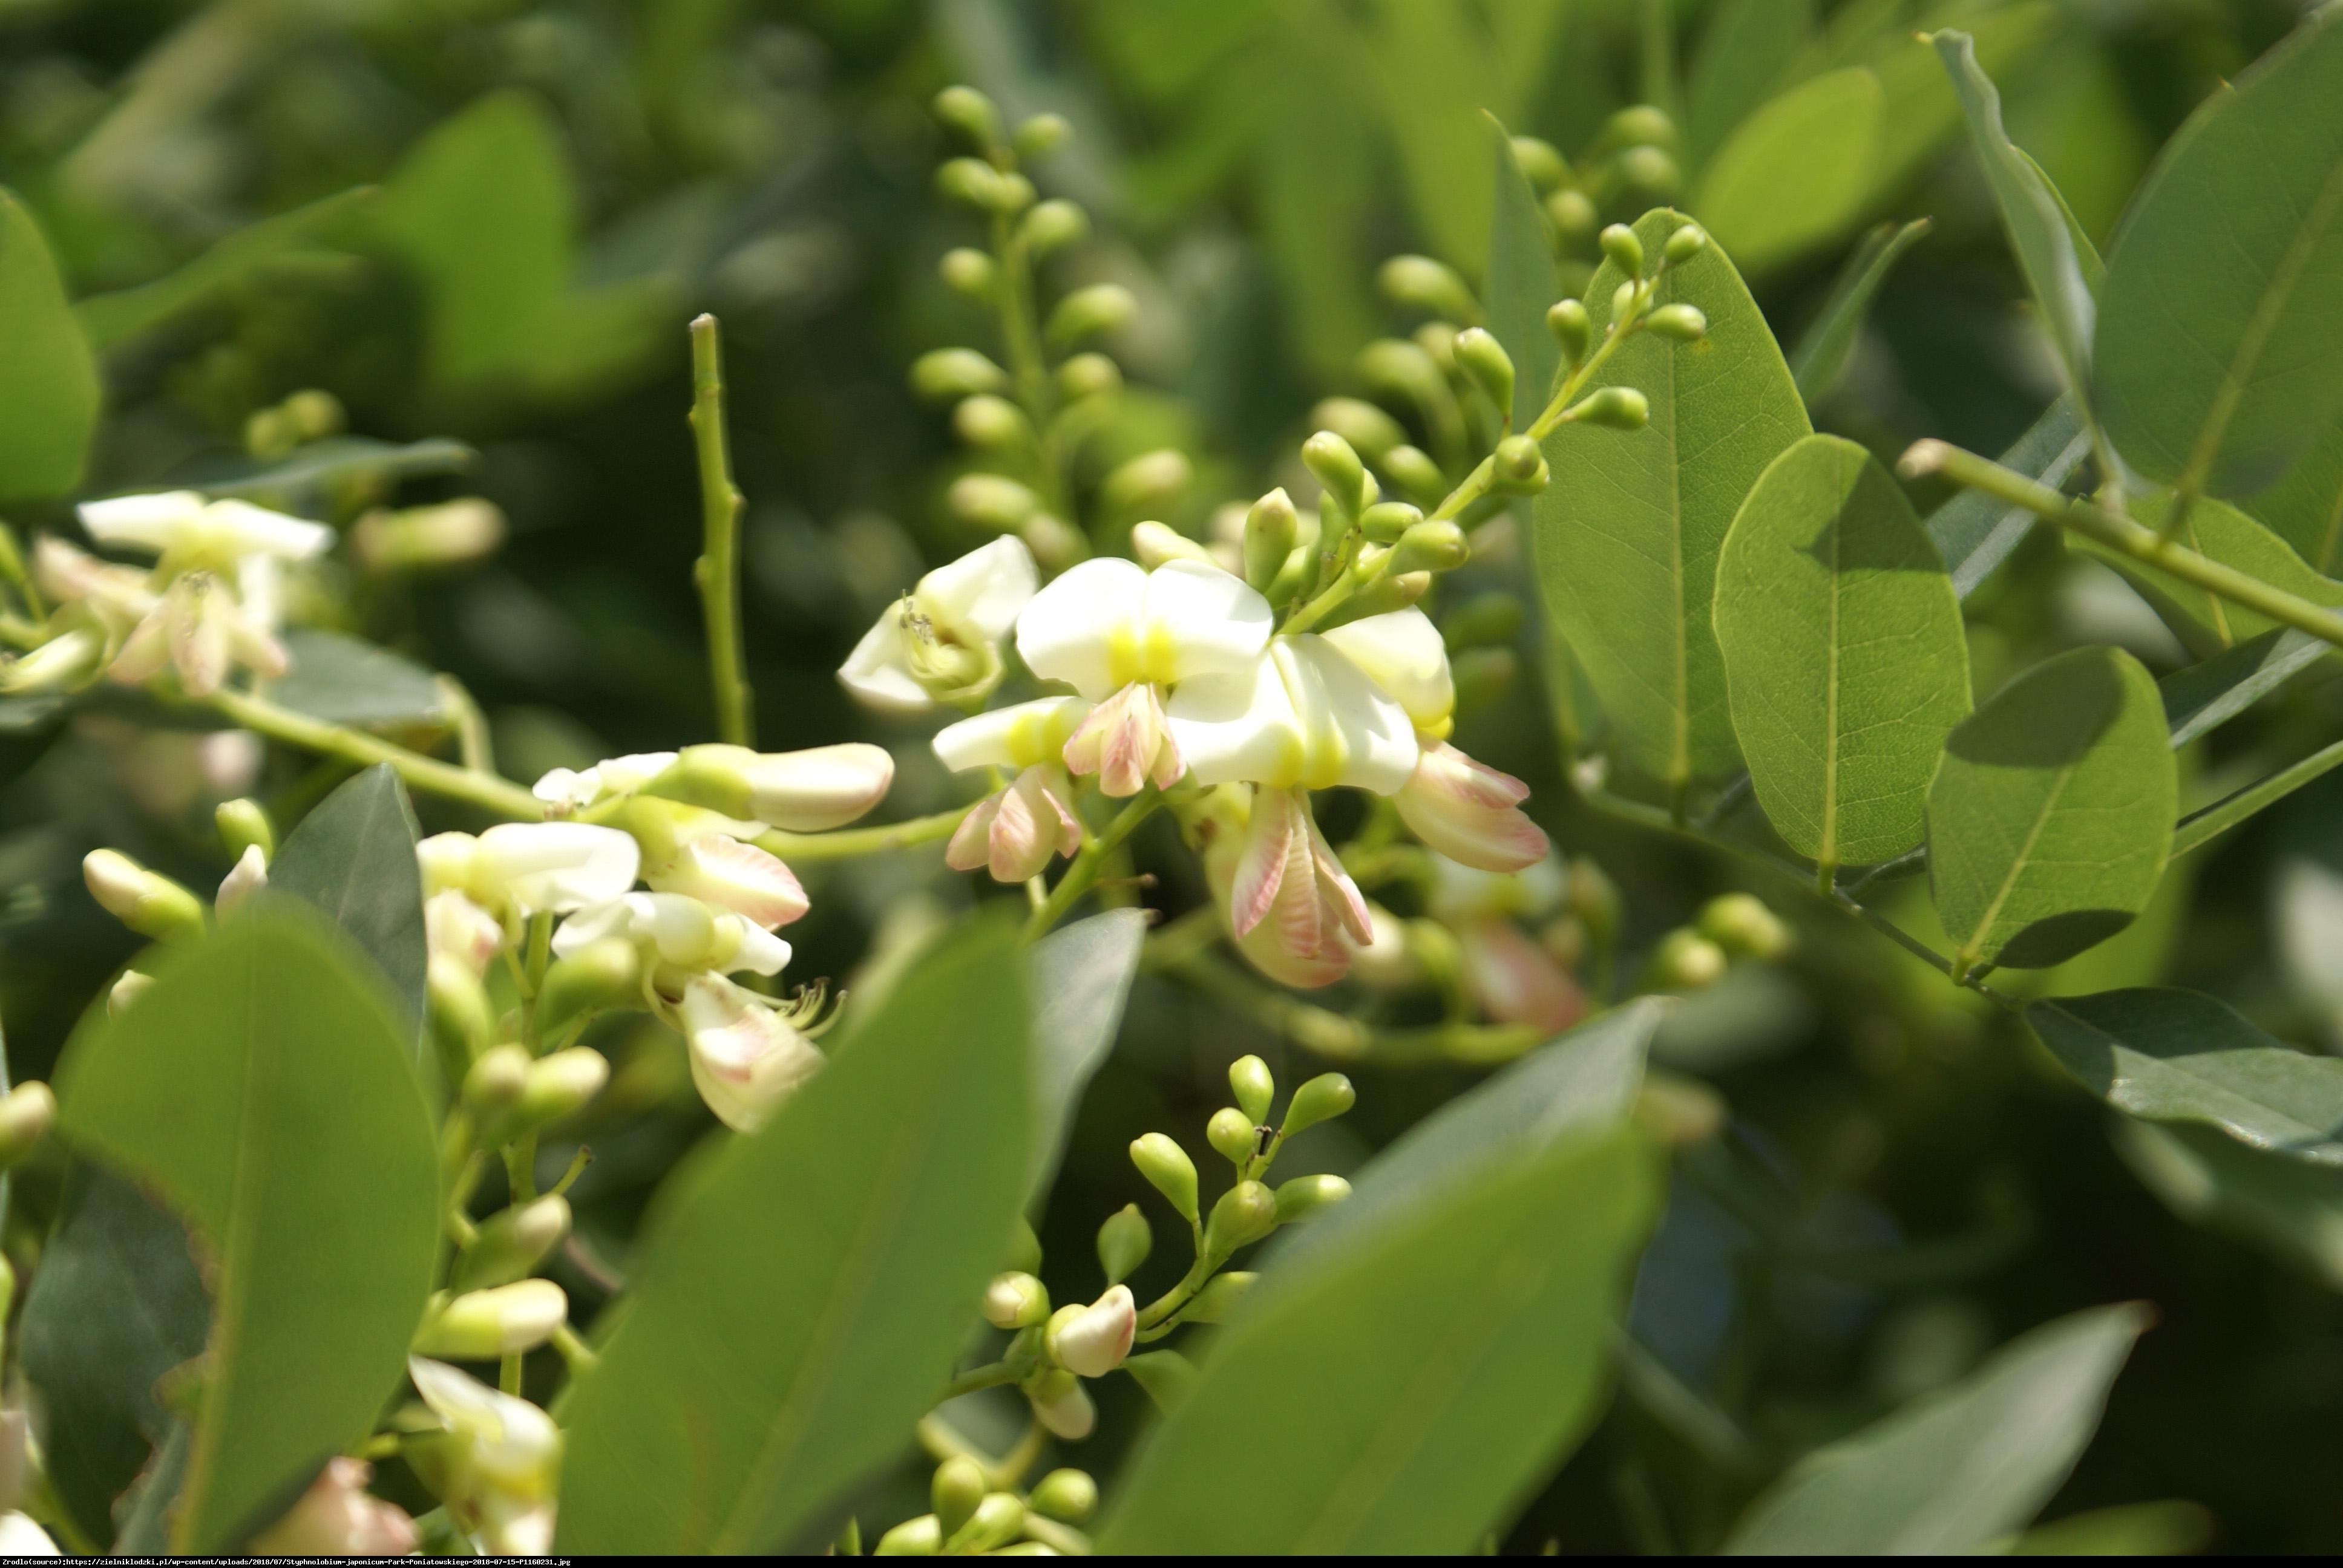 Perełkowiec japoński - Sophora japonica